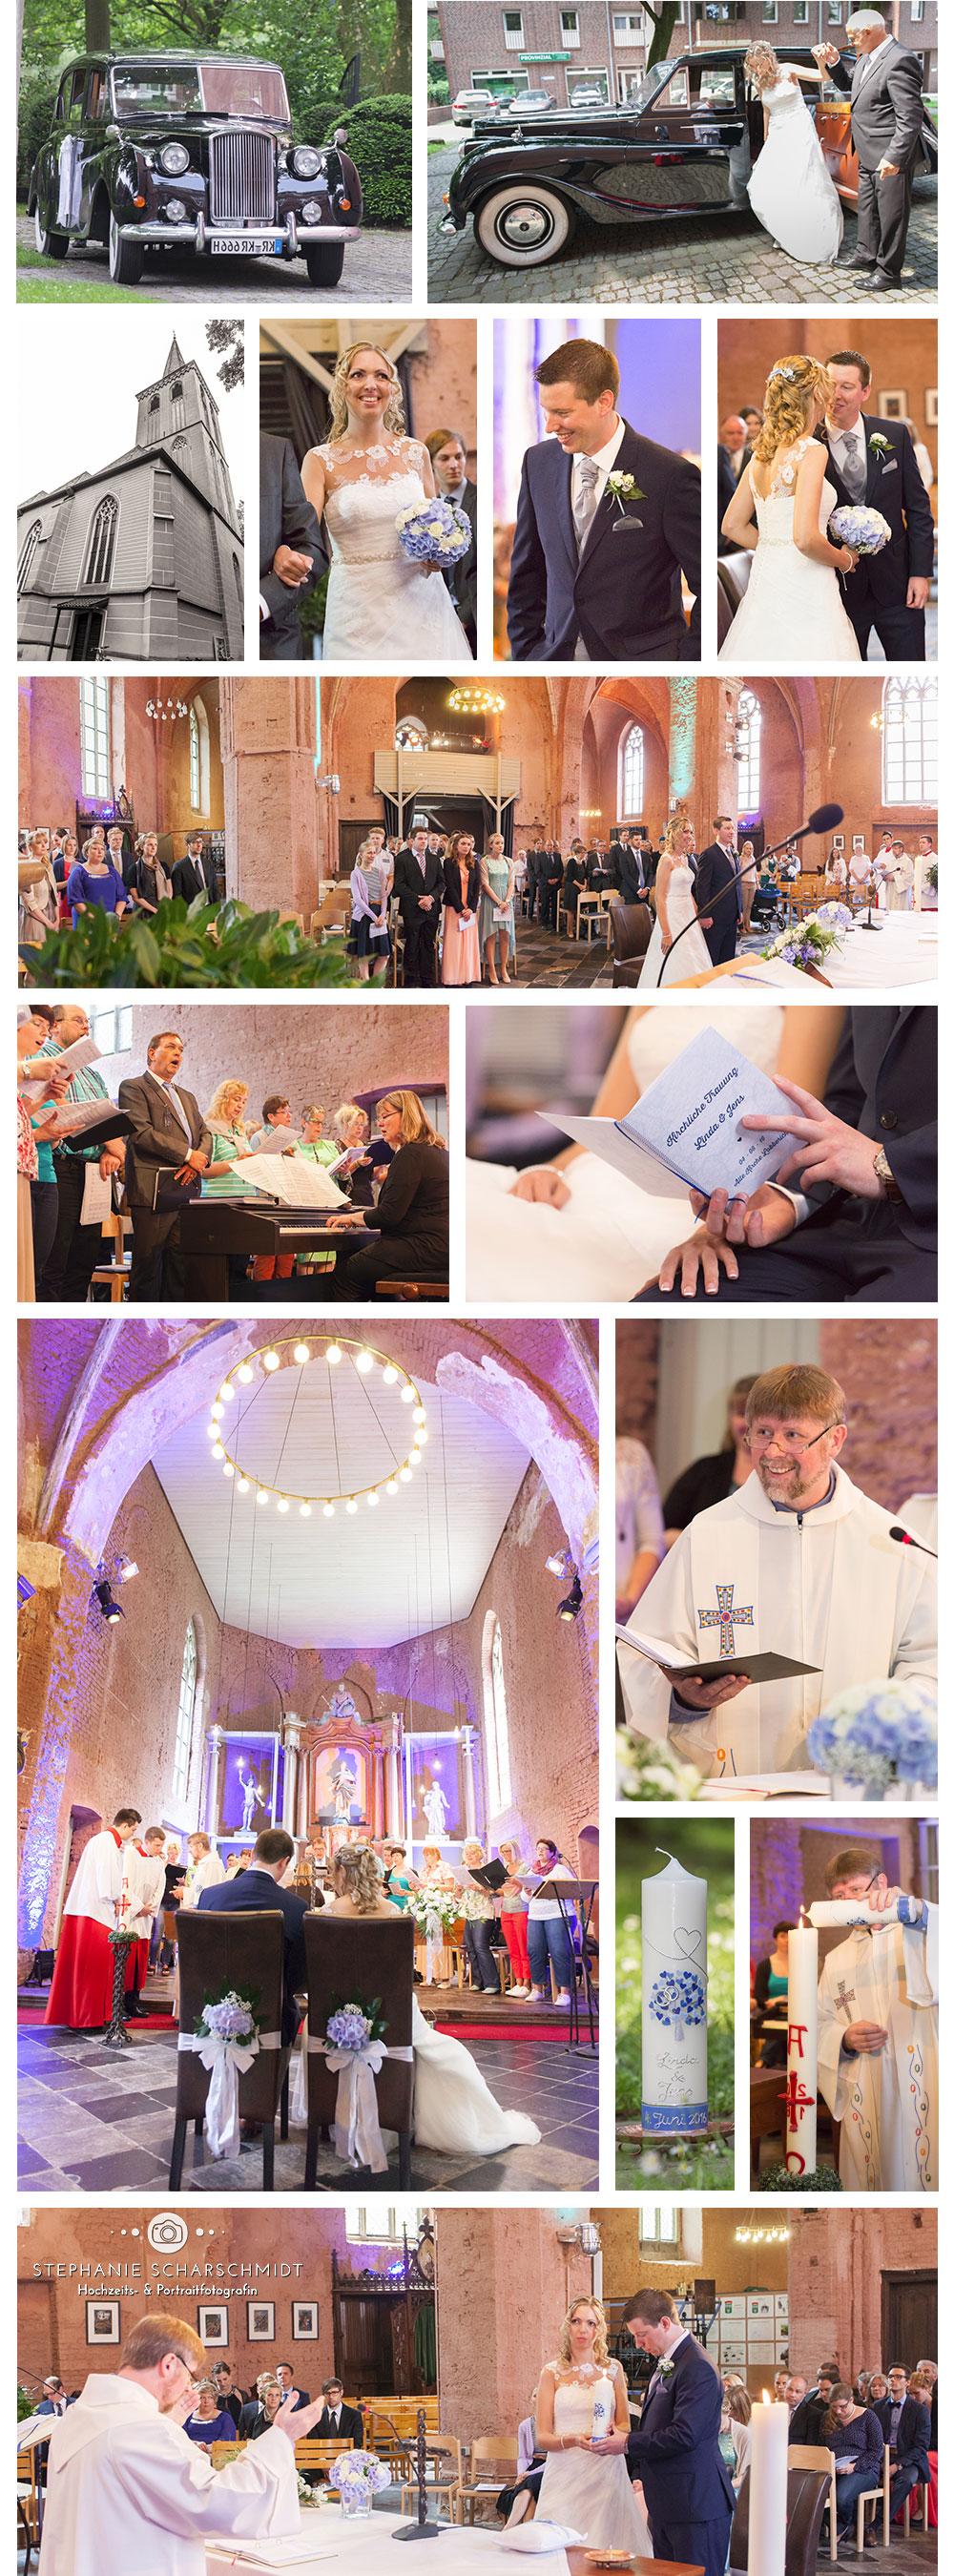 Hochzeitsfotos von Hochzeitspapeterie – Hochzeitsdekoration wirklich ganz besonders schön und originell